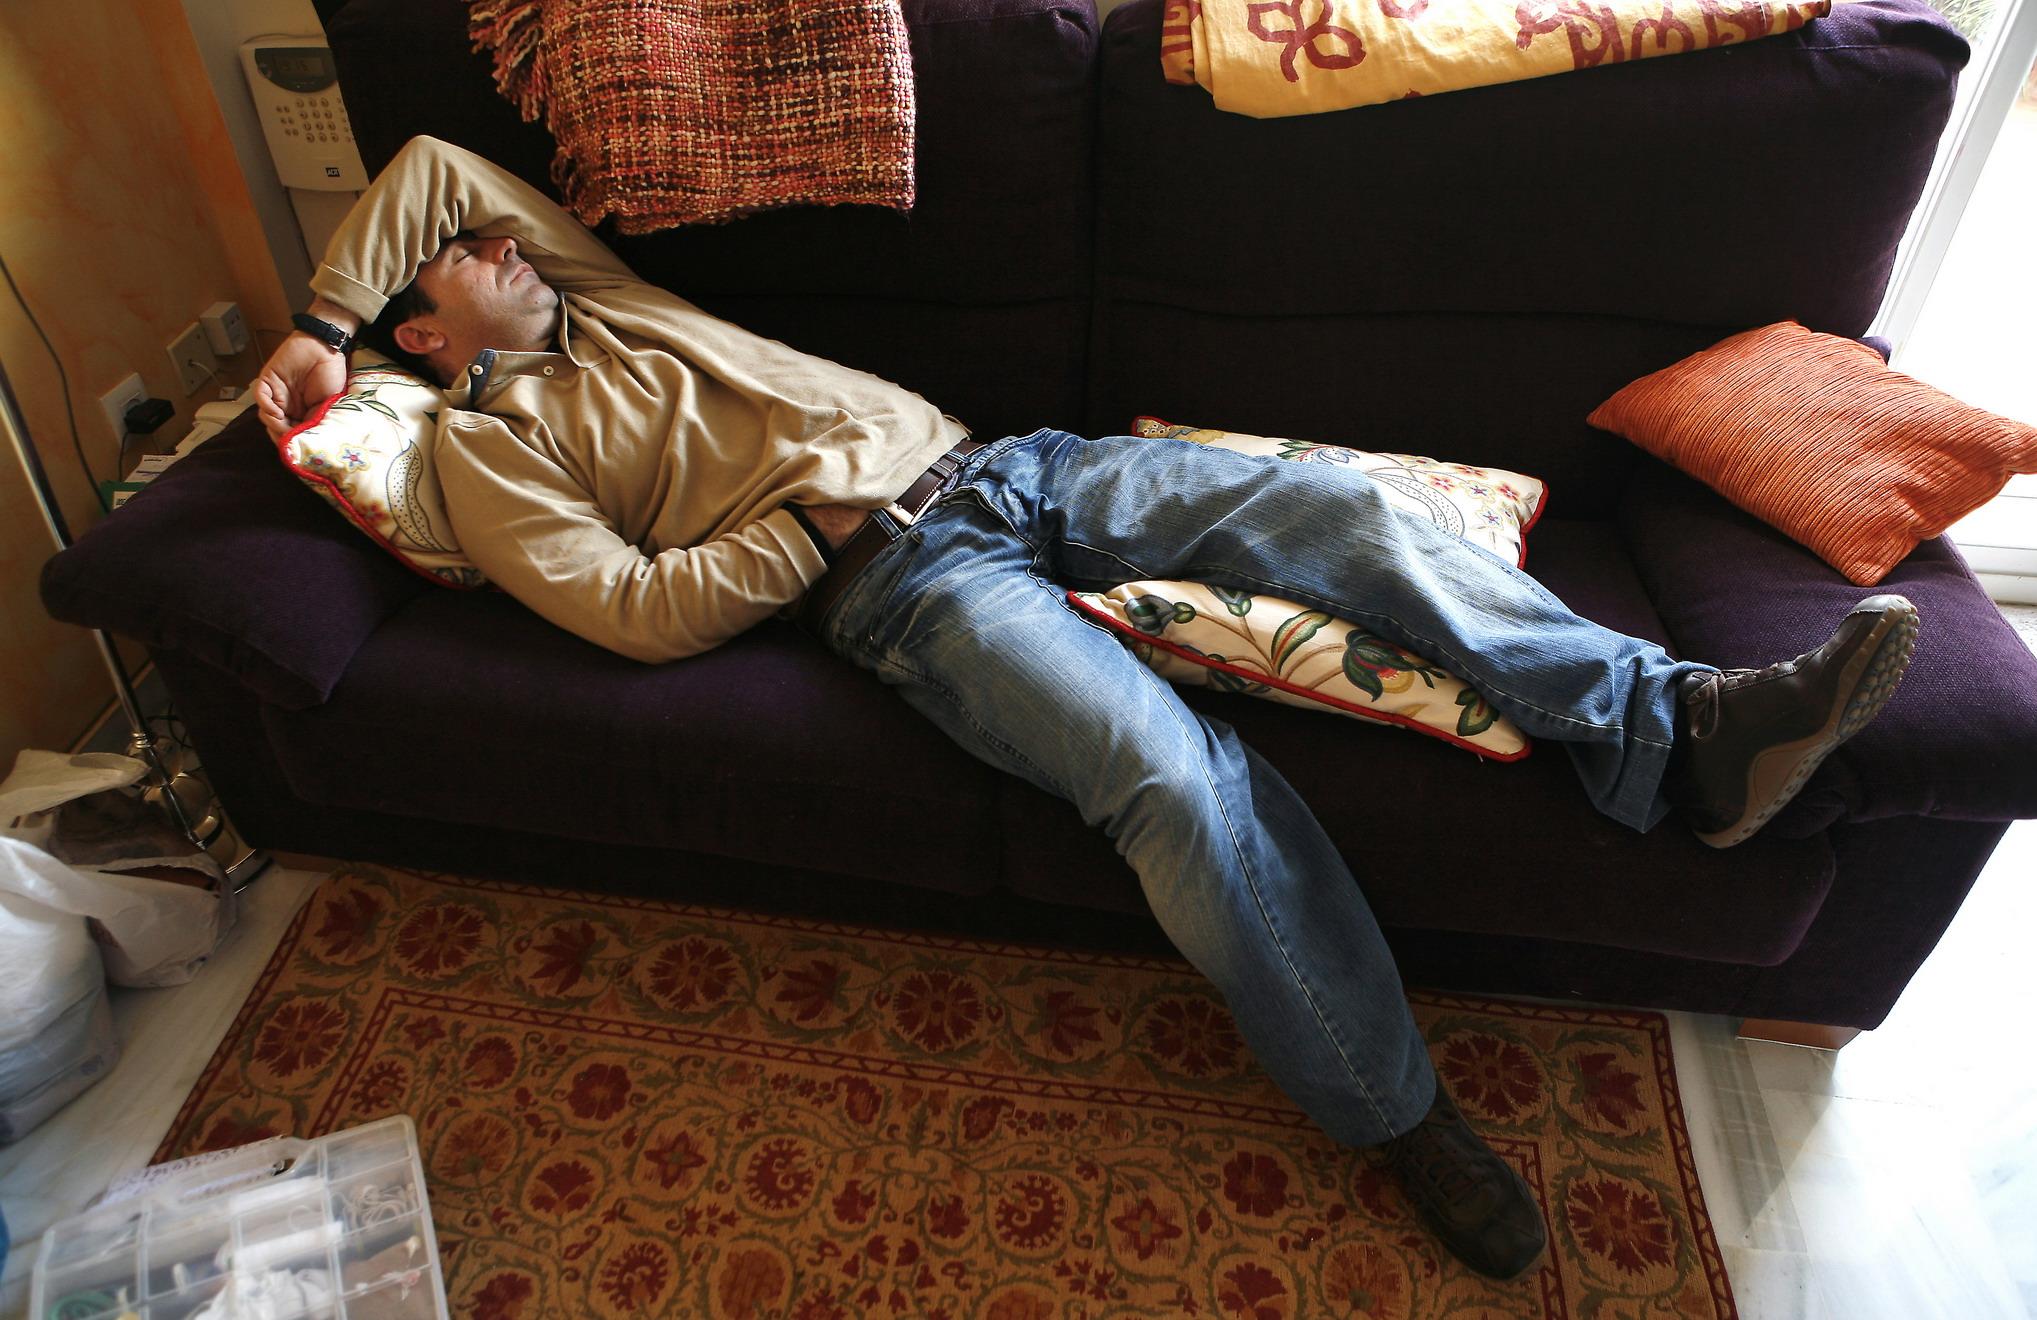 Il sonno prolungato e i problemi alla salute